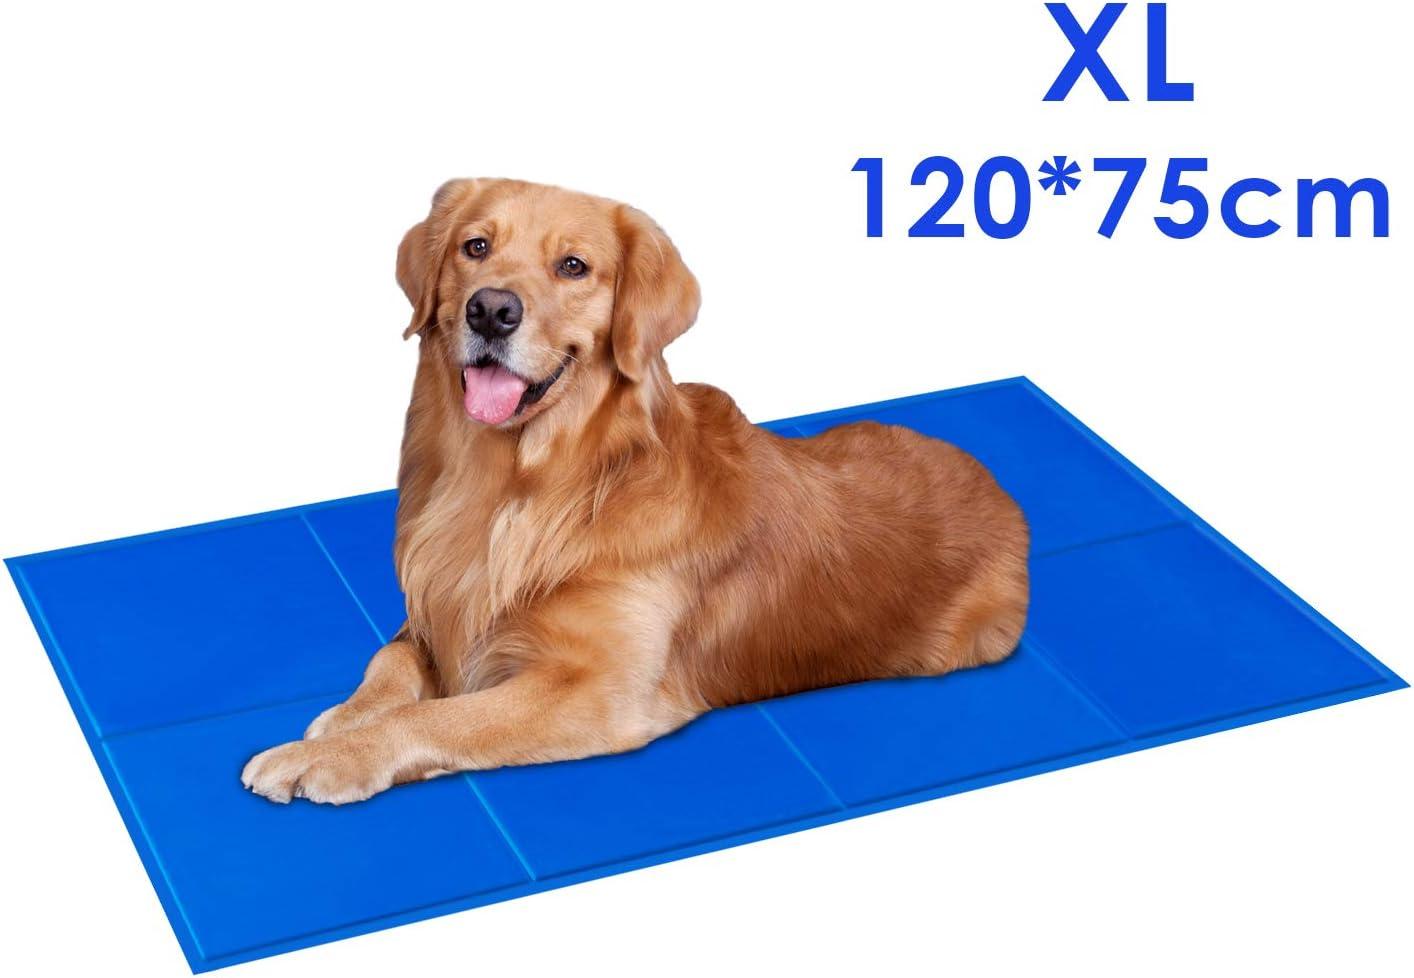 PEDY Alfombrilla de Refrigeración para Perros y Gatos, 120 x 75cm Alfombra Refrescante, Enfriamiento para Camas de Mascotas, Gel no Tóxico, Autoenfriante, Impermeable y Resistente a la Rotura